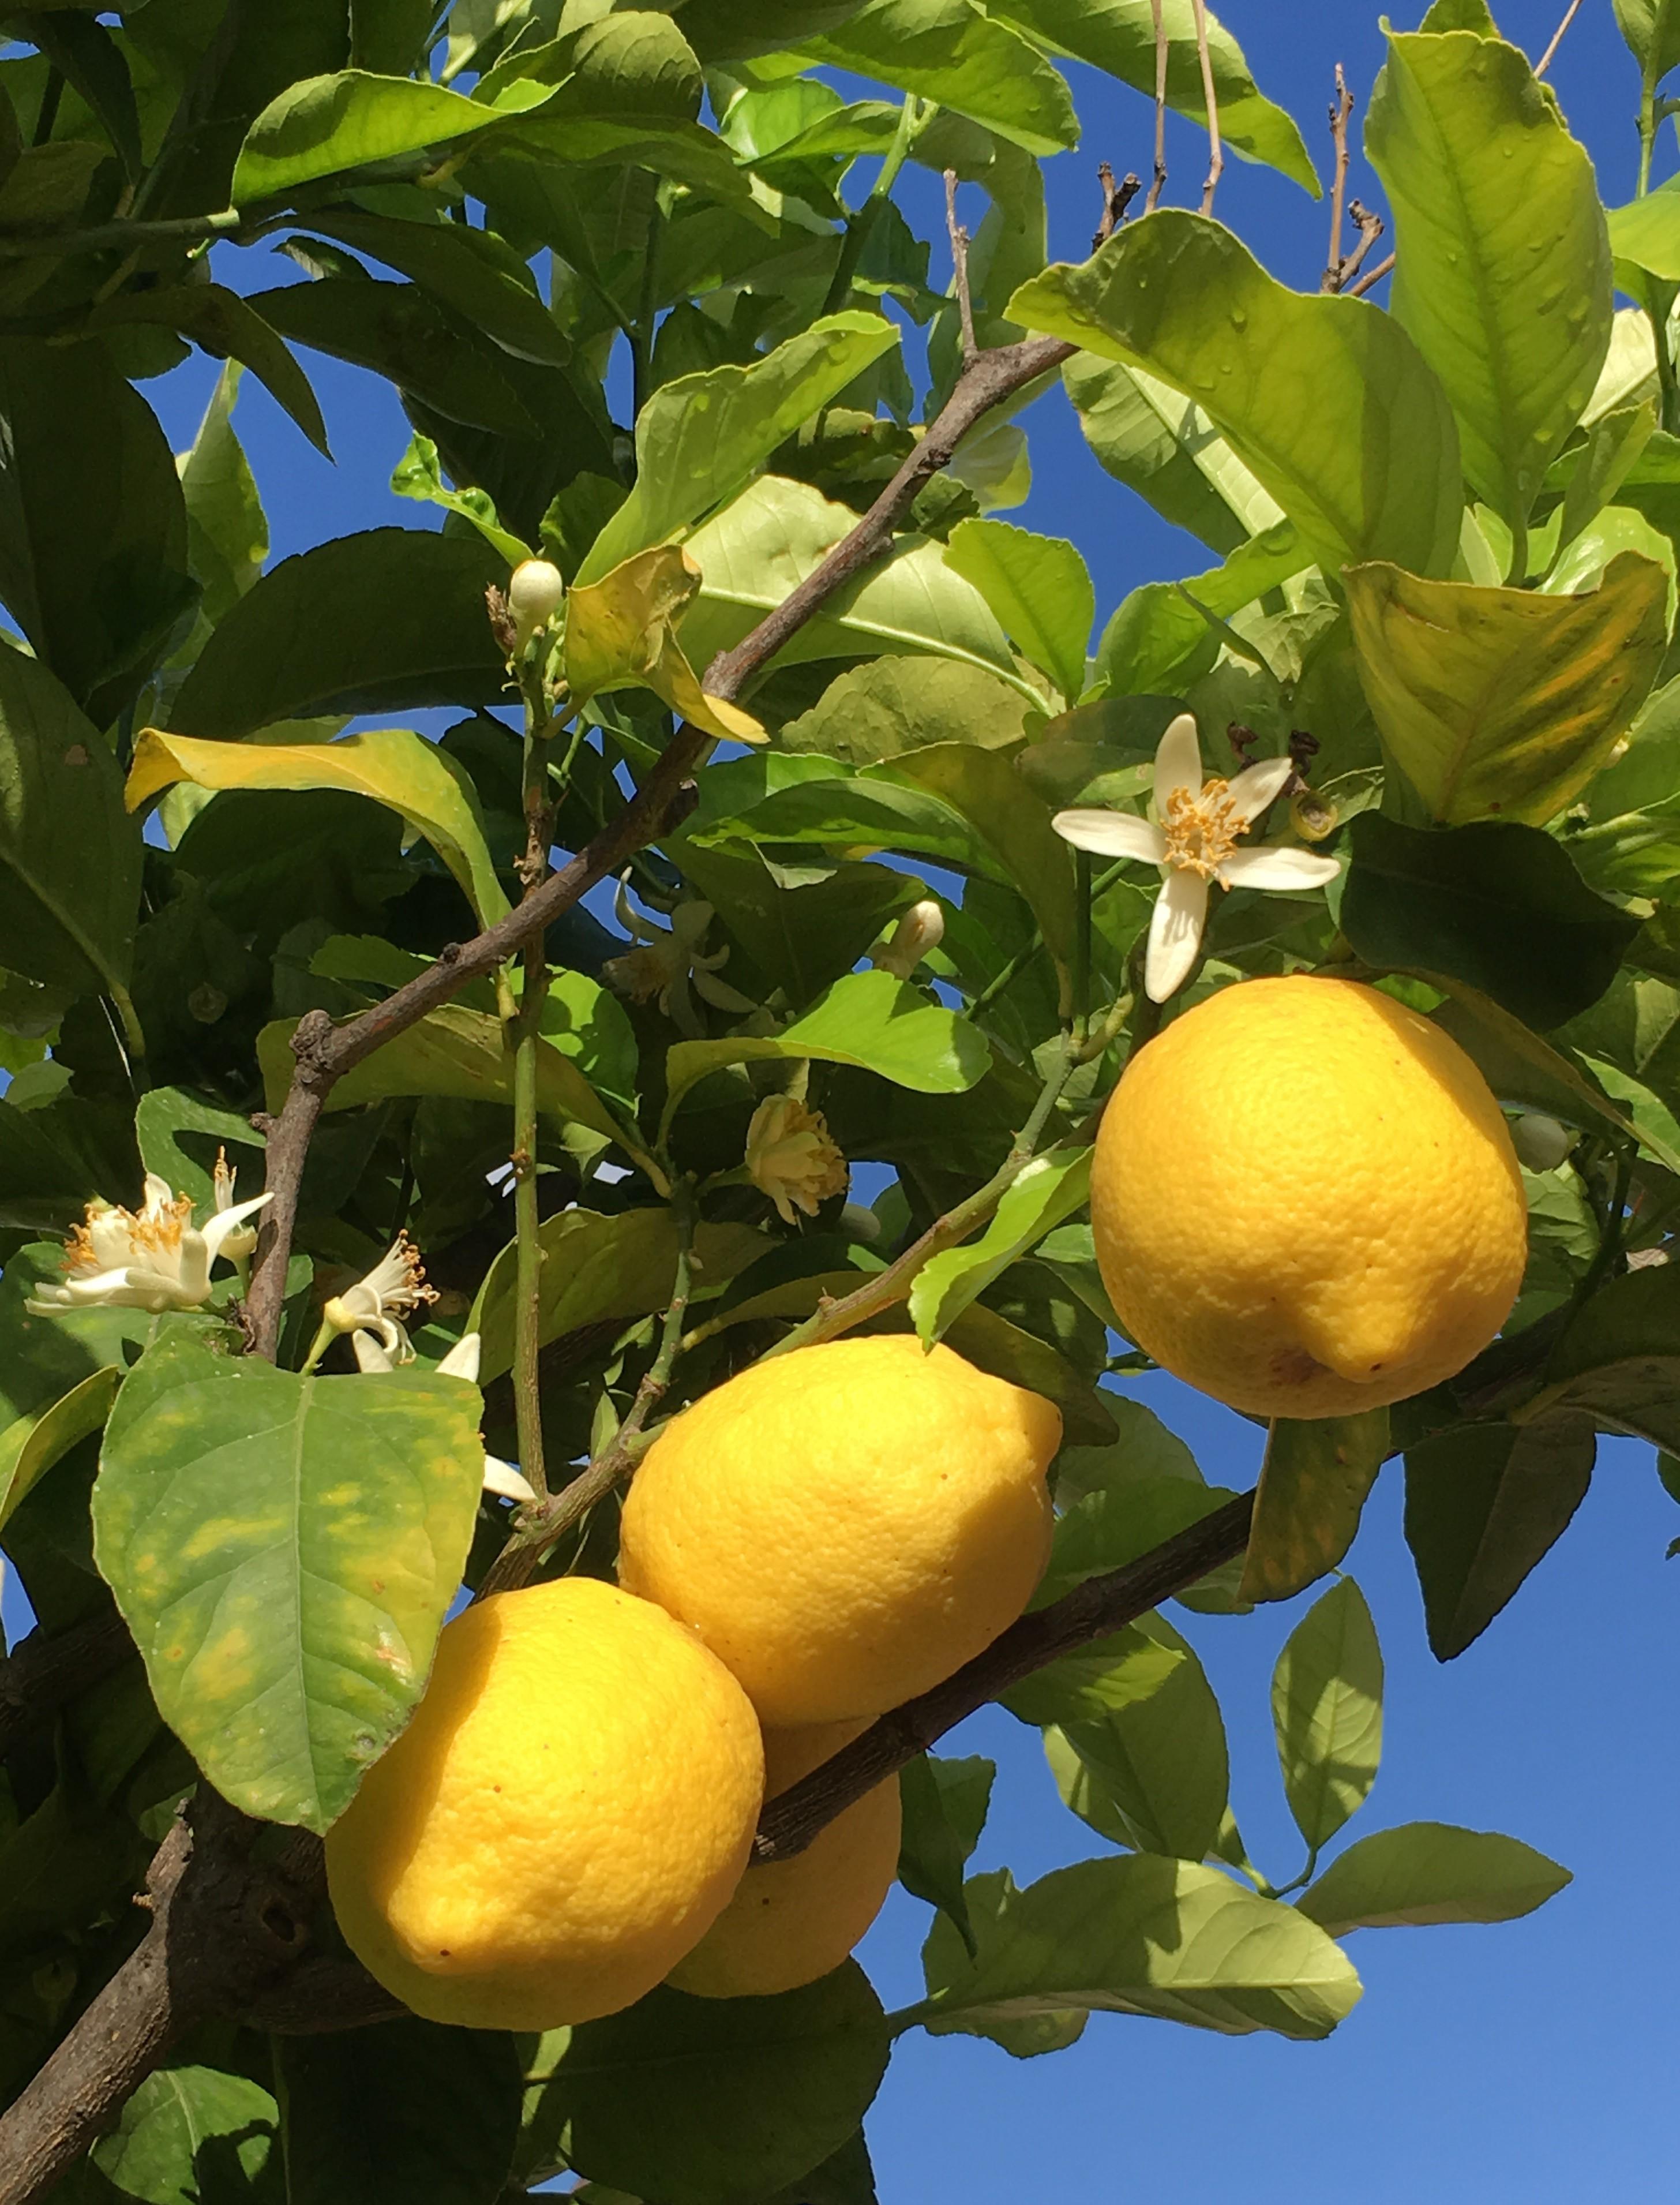 真っ青な空とレモンの木の下で朝食@The Inn at the Spanish Steps